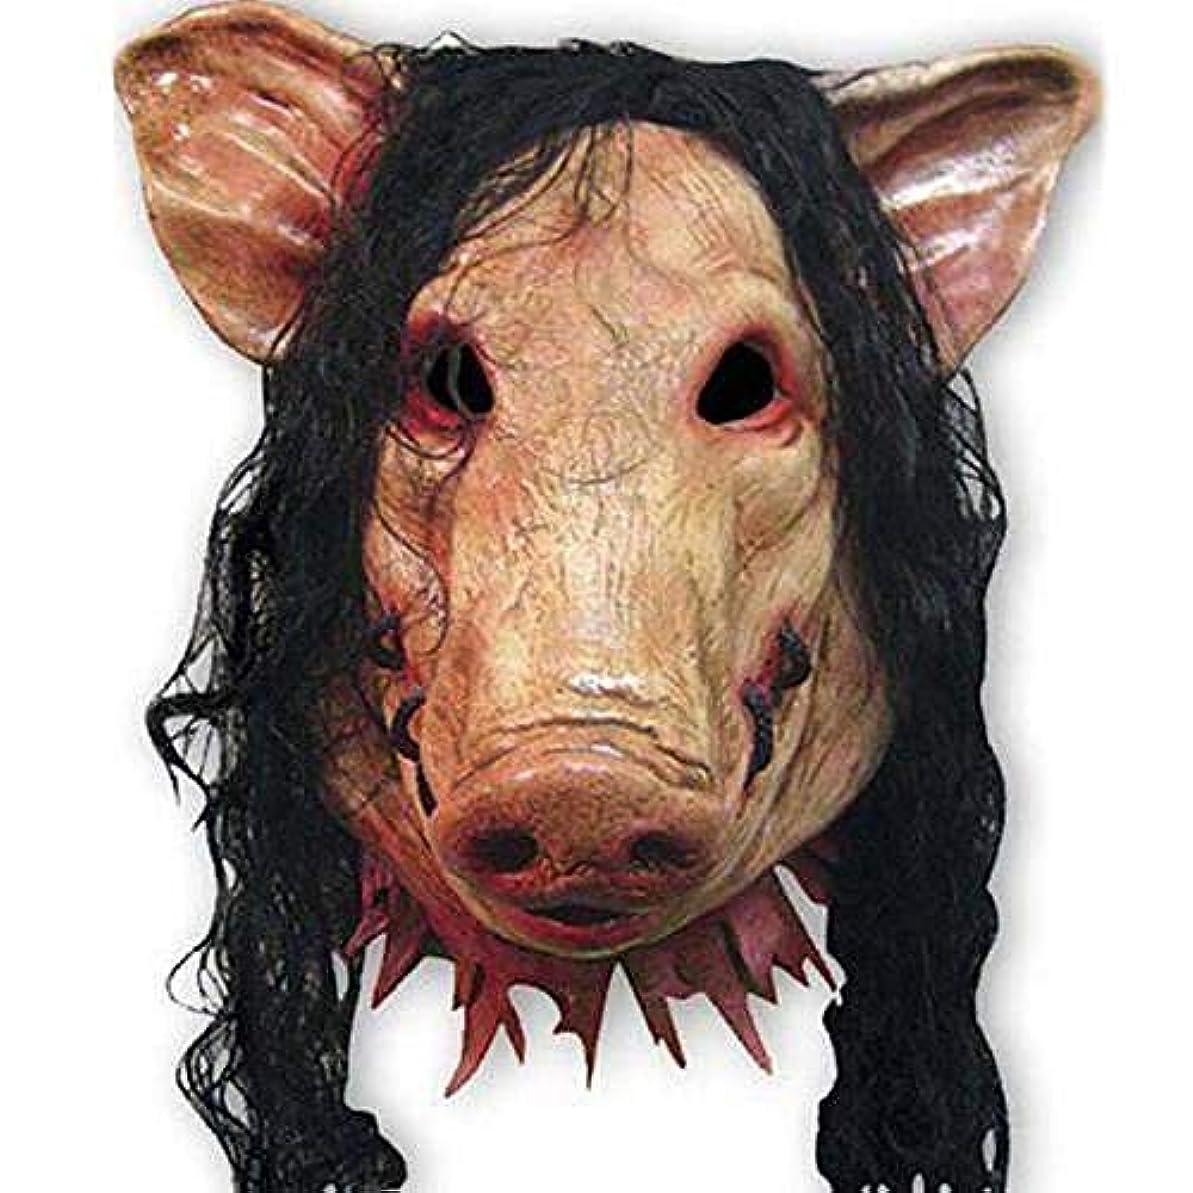 工業化するあたりボーナスラテックス豚マスク-ハロウィンコスチュームボールコスチュームコスプレ、ユニセックス怖いマスク豚